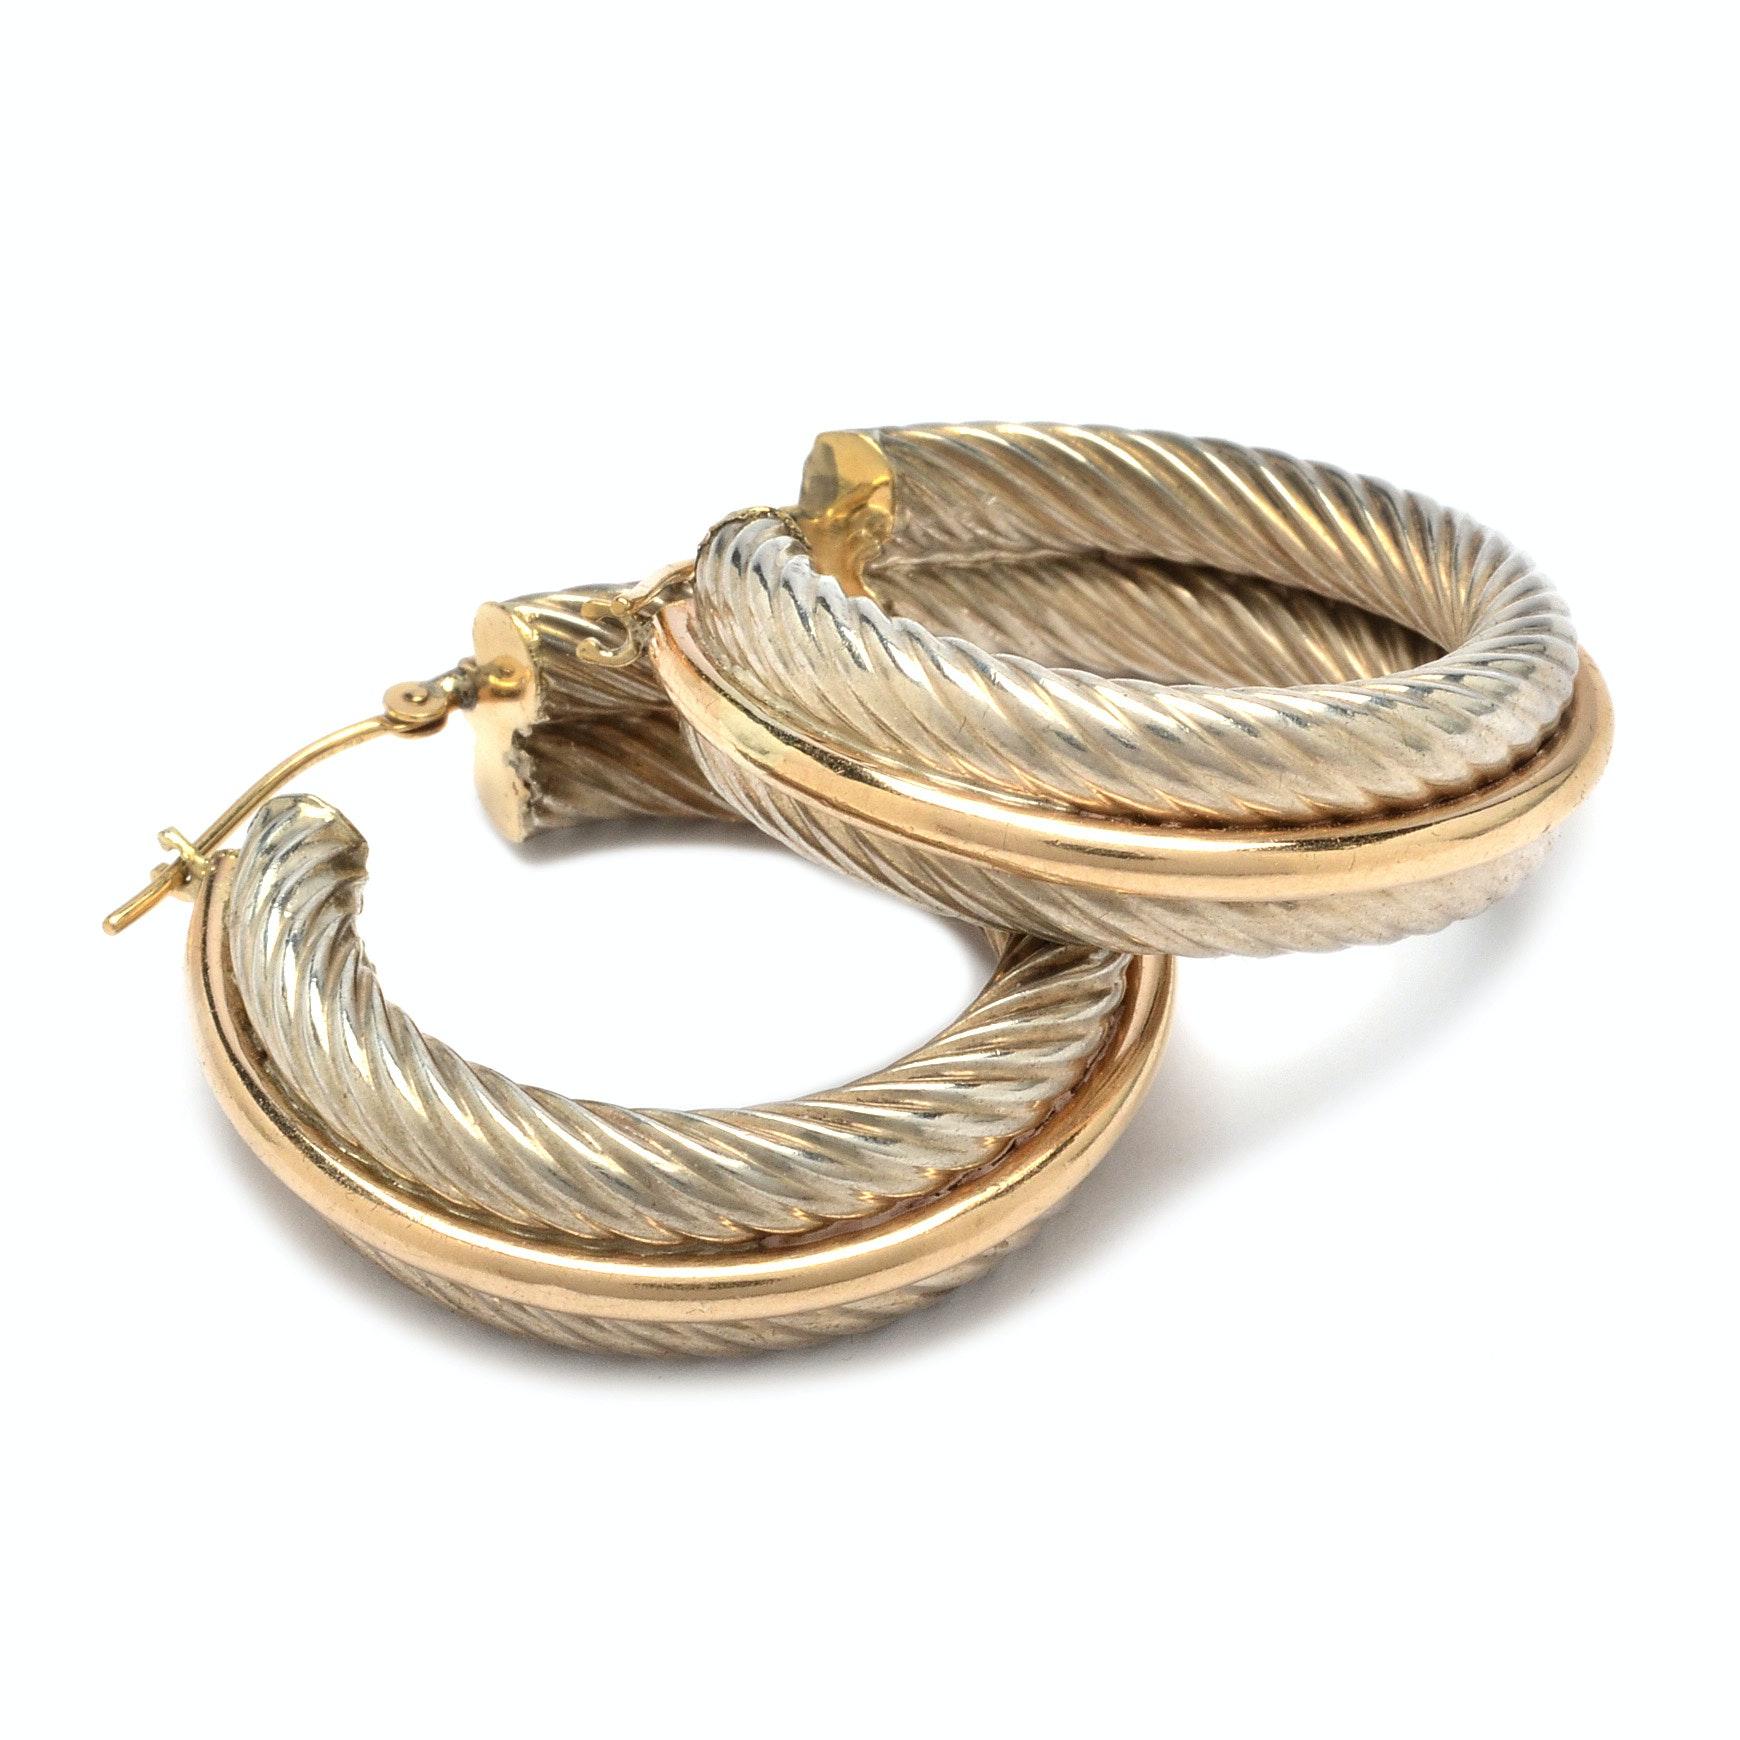 Marjorie Baer Sterling Silver and 14K Hoop Earrings